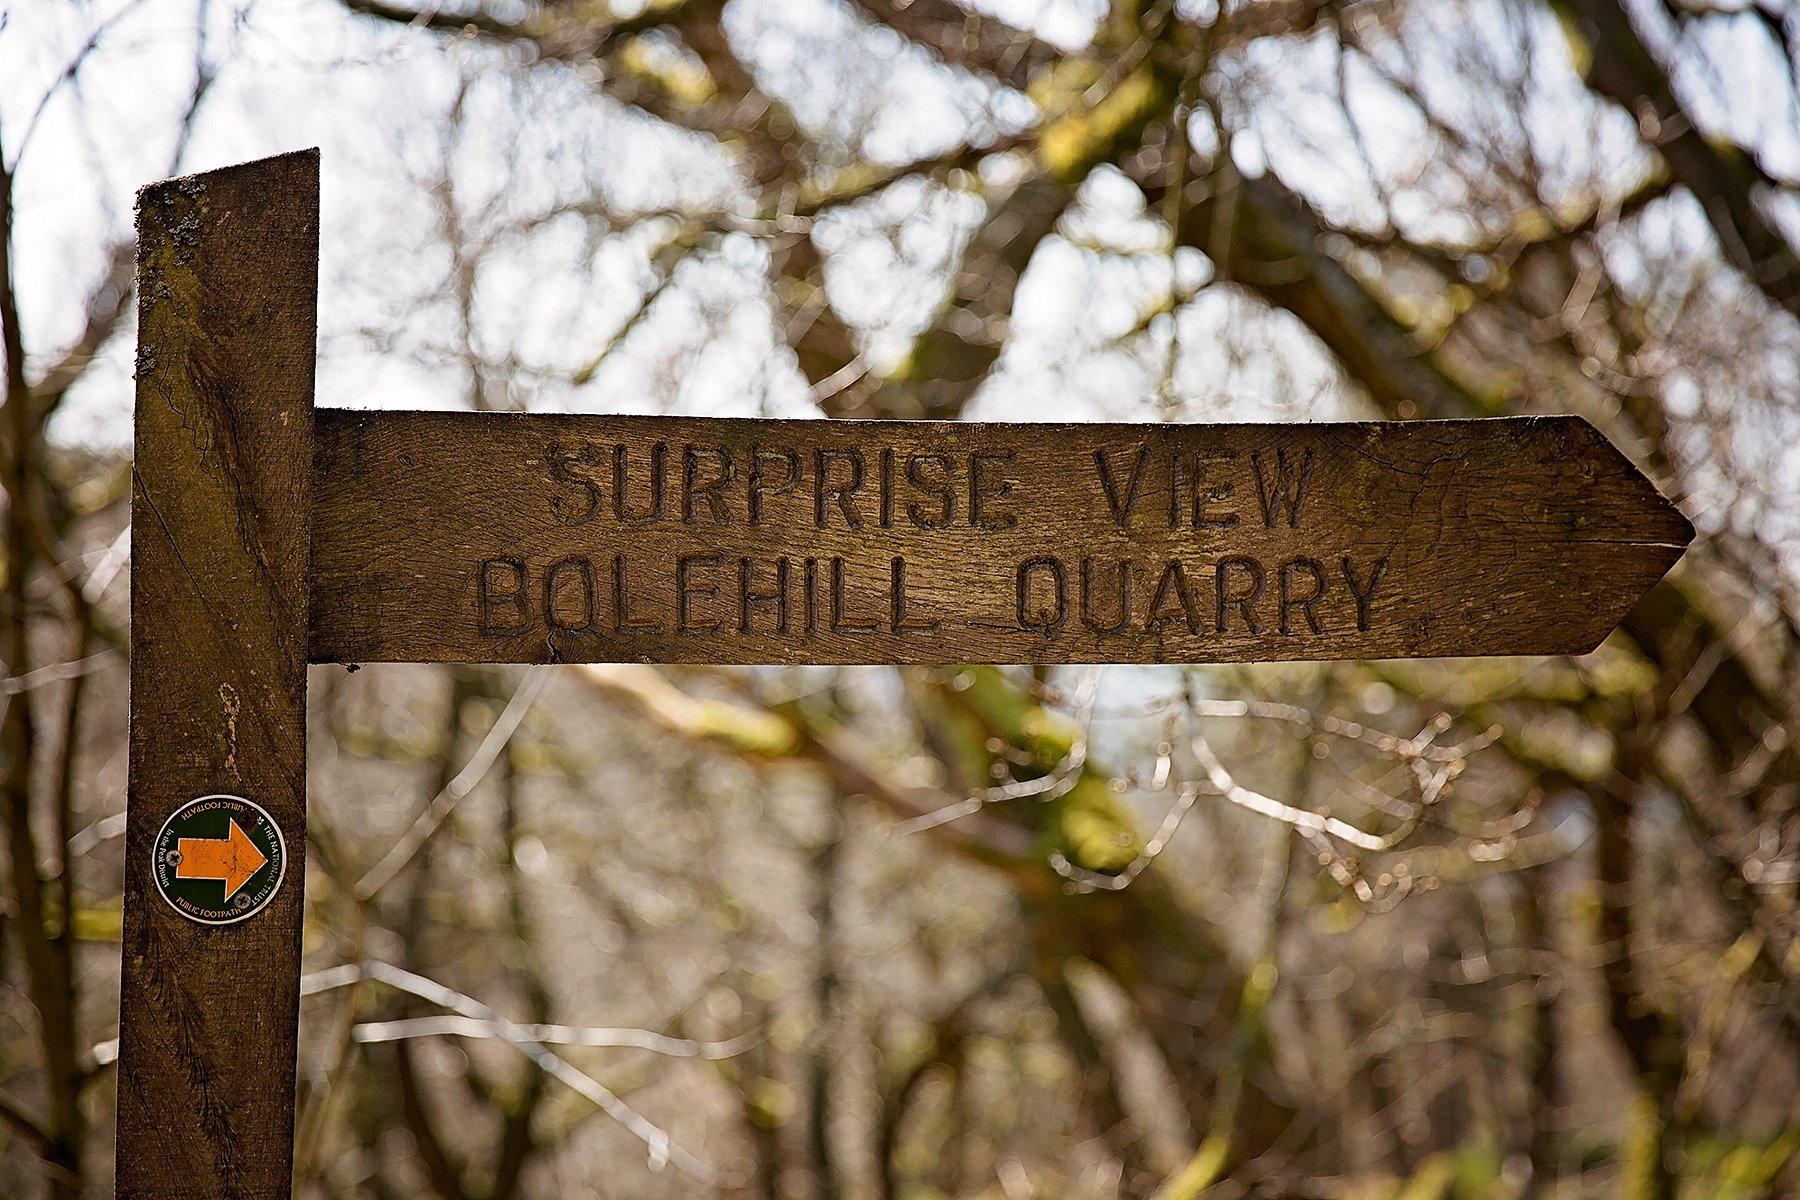 Bolehill Quarry sign